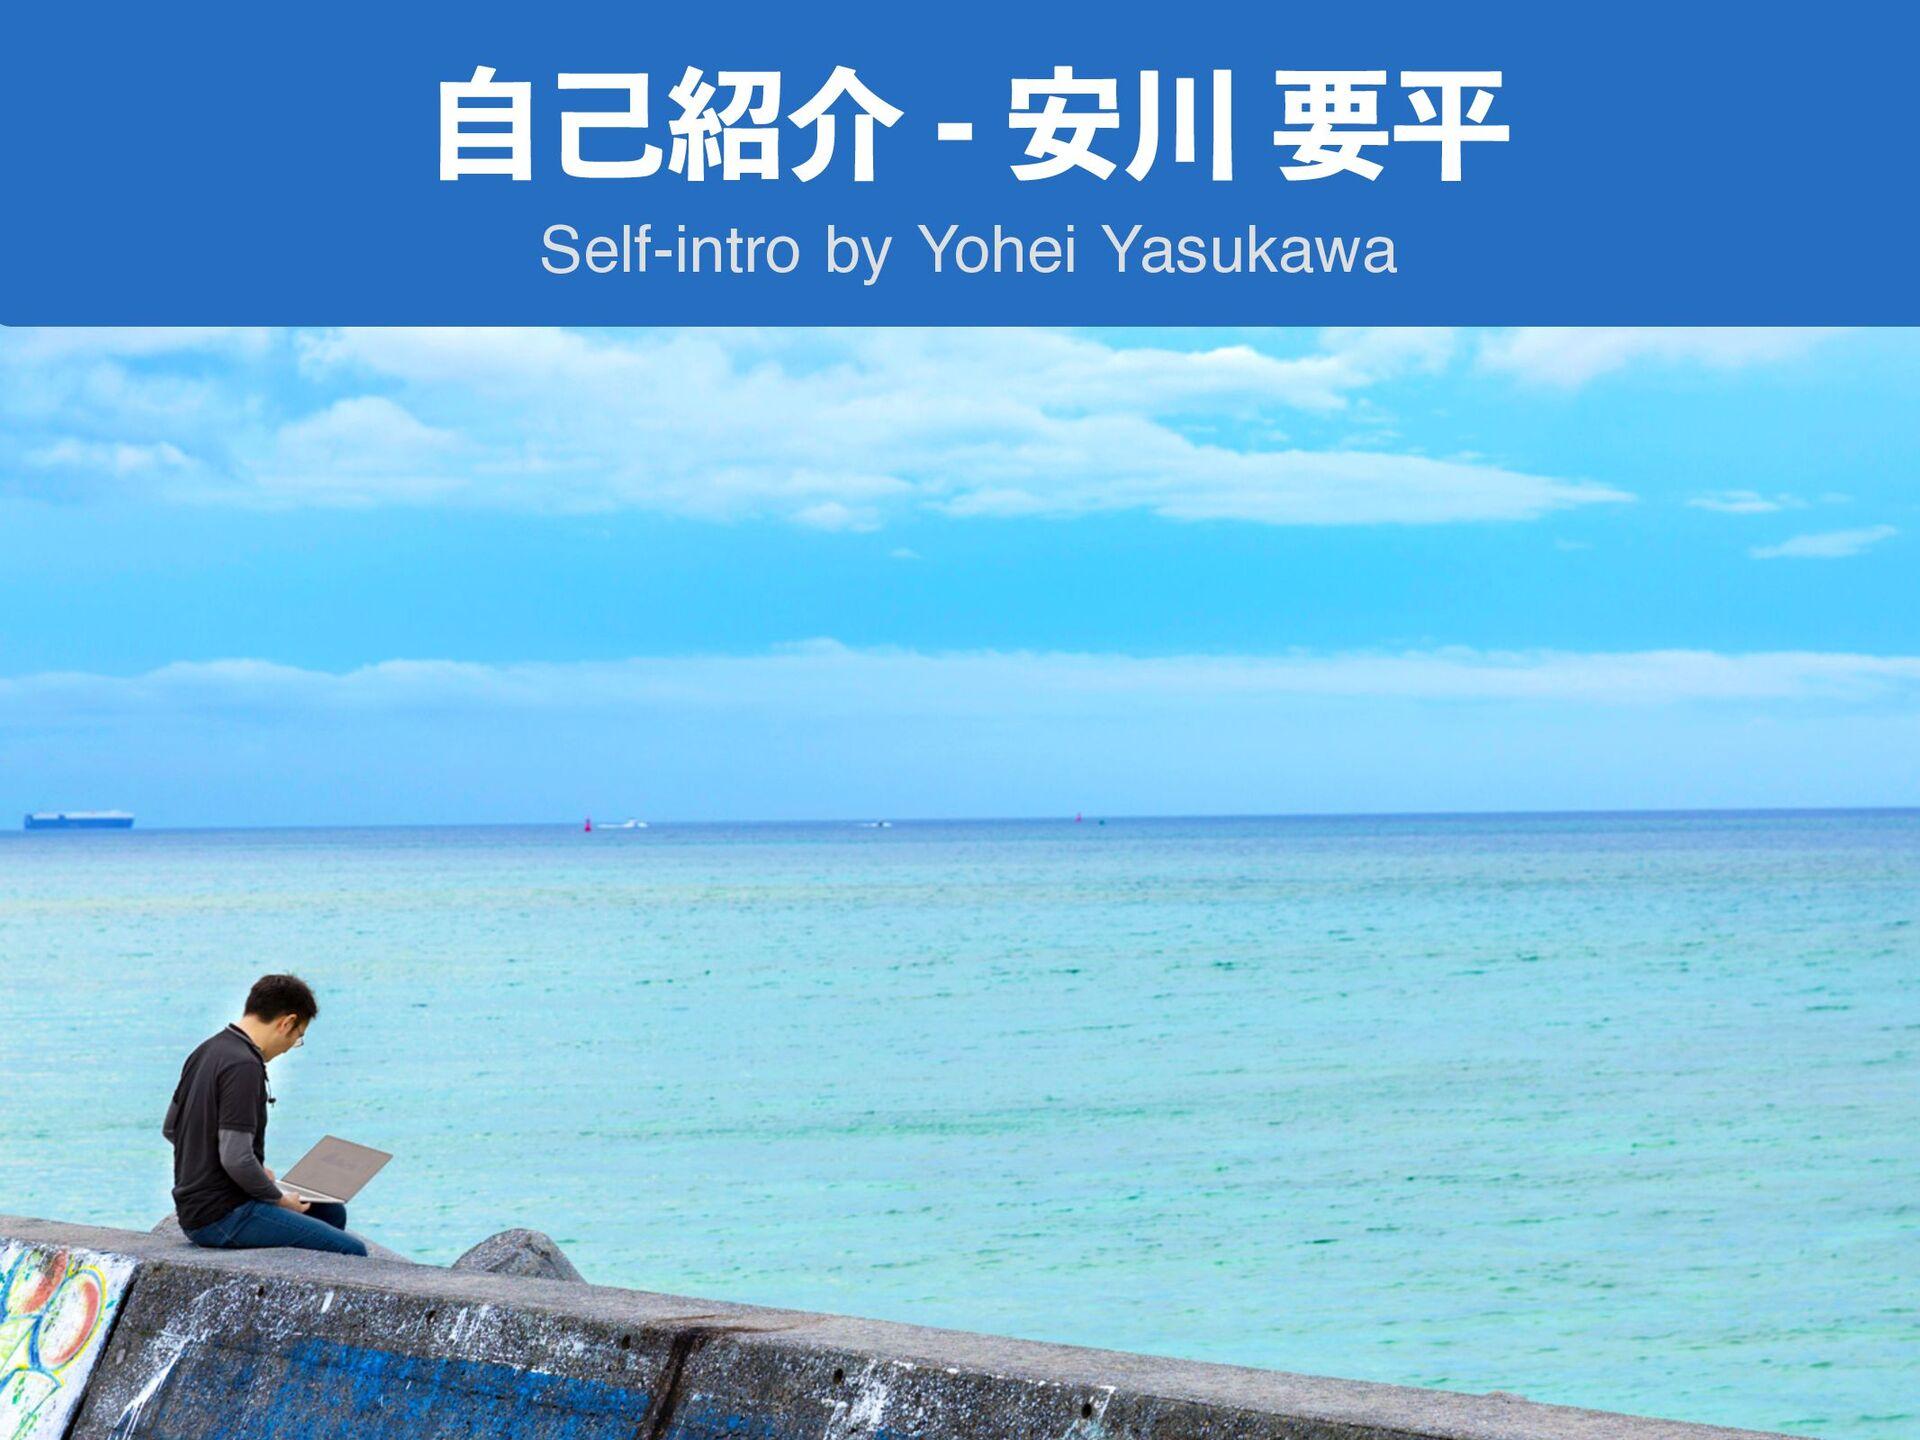 ࣗݾհ҆ཁฏ Self-intro by Yohei Yasukawa 